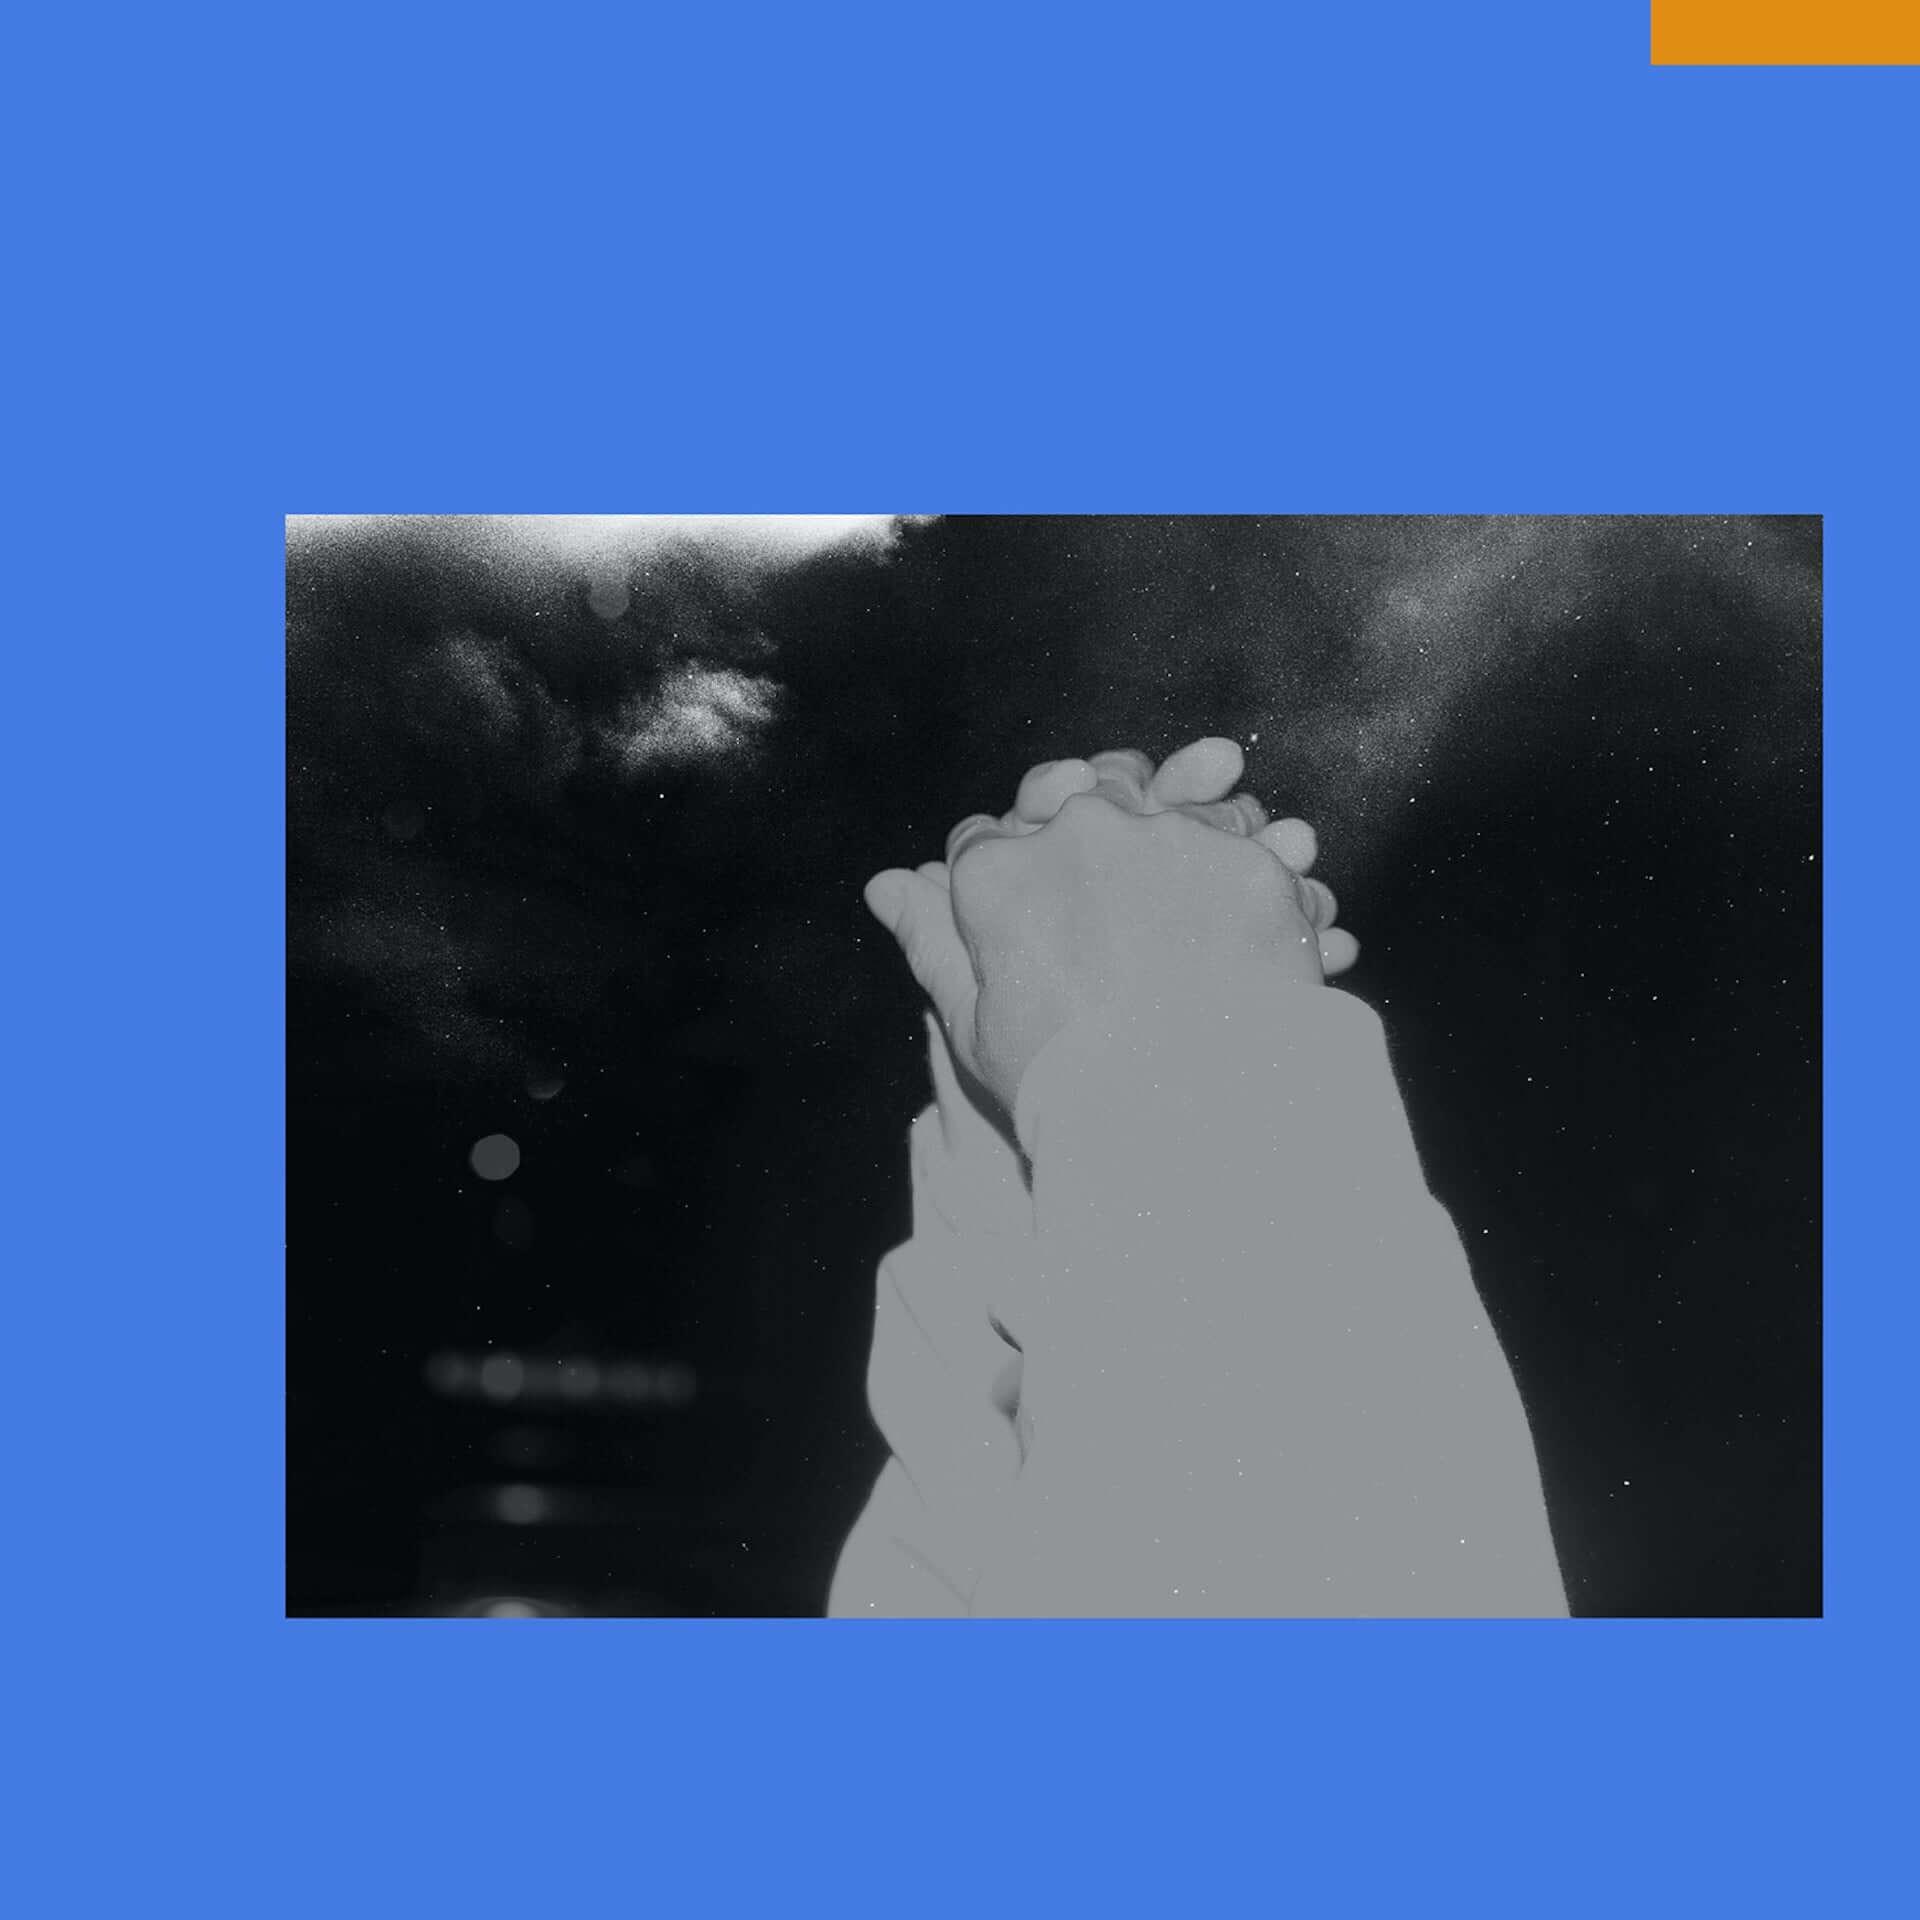 """環ROYが3年振りにして完全セルフプロデュースの新曲""""Protect You""""を本日緊急リリース!MV、新ジャケ写、プレイリストも公開 music200805_tamaki-roy_3-1920x1920"""